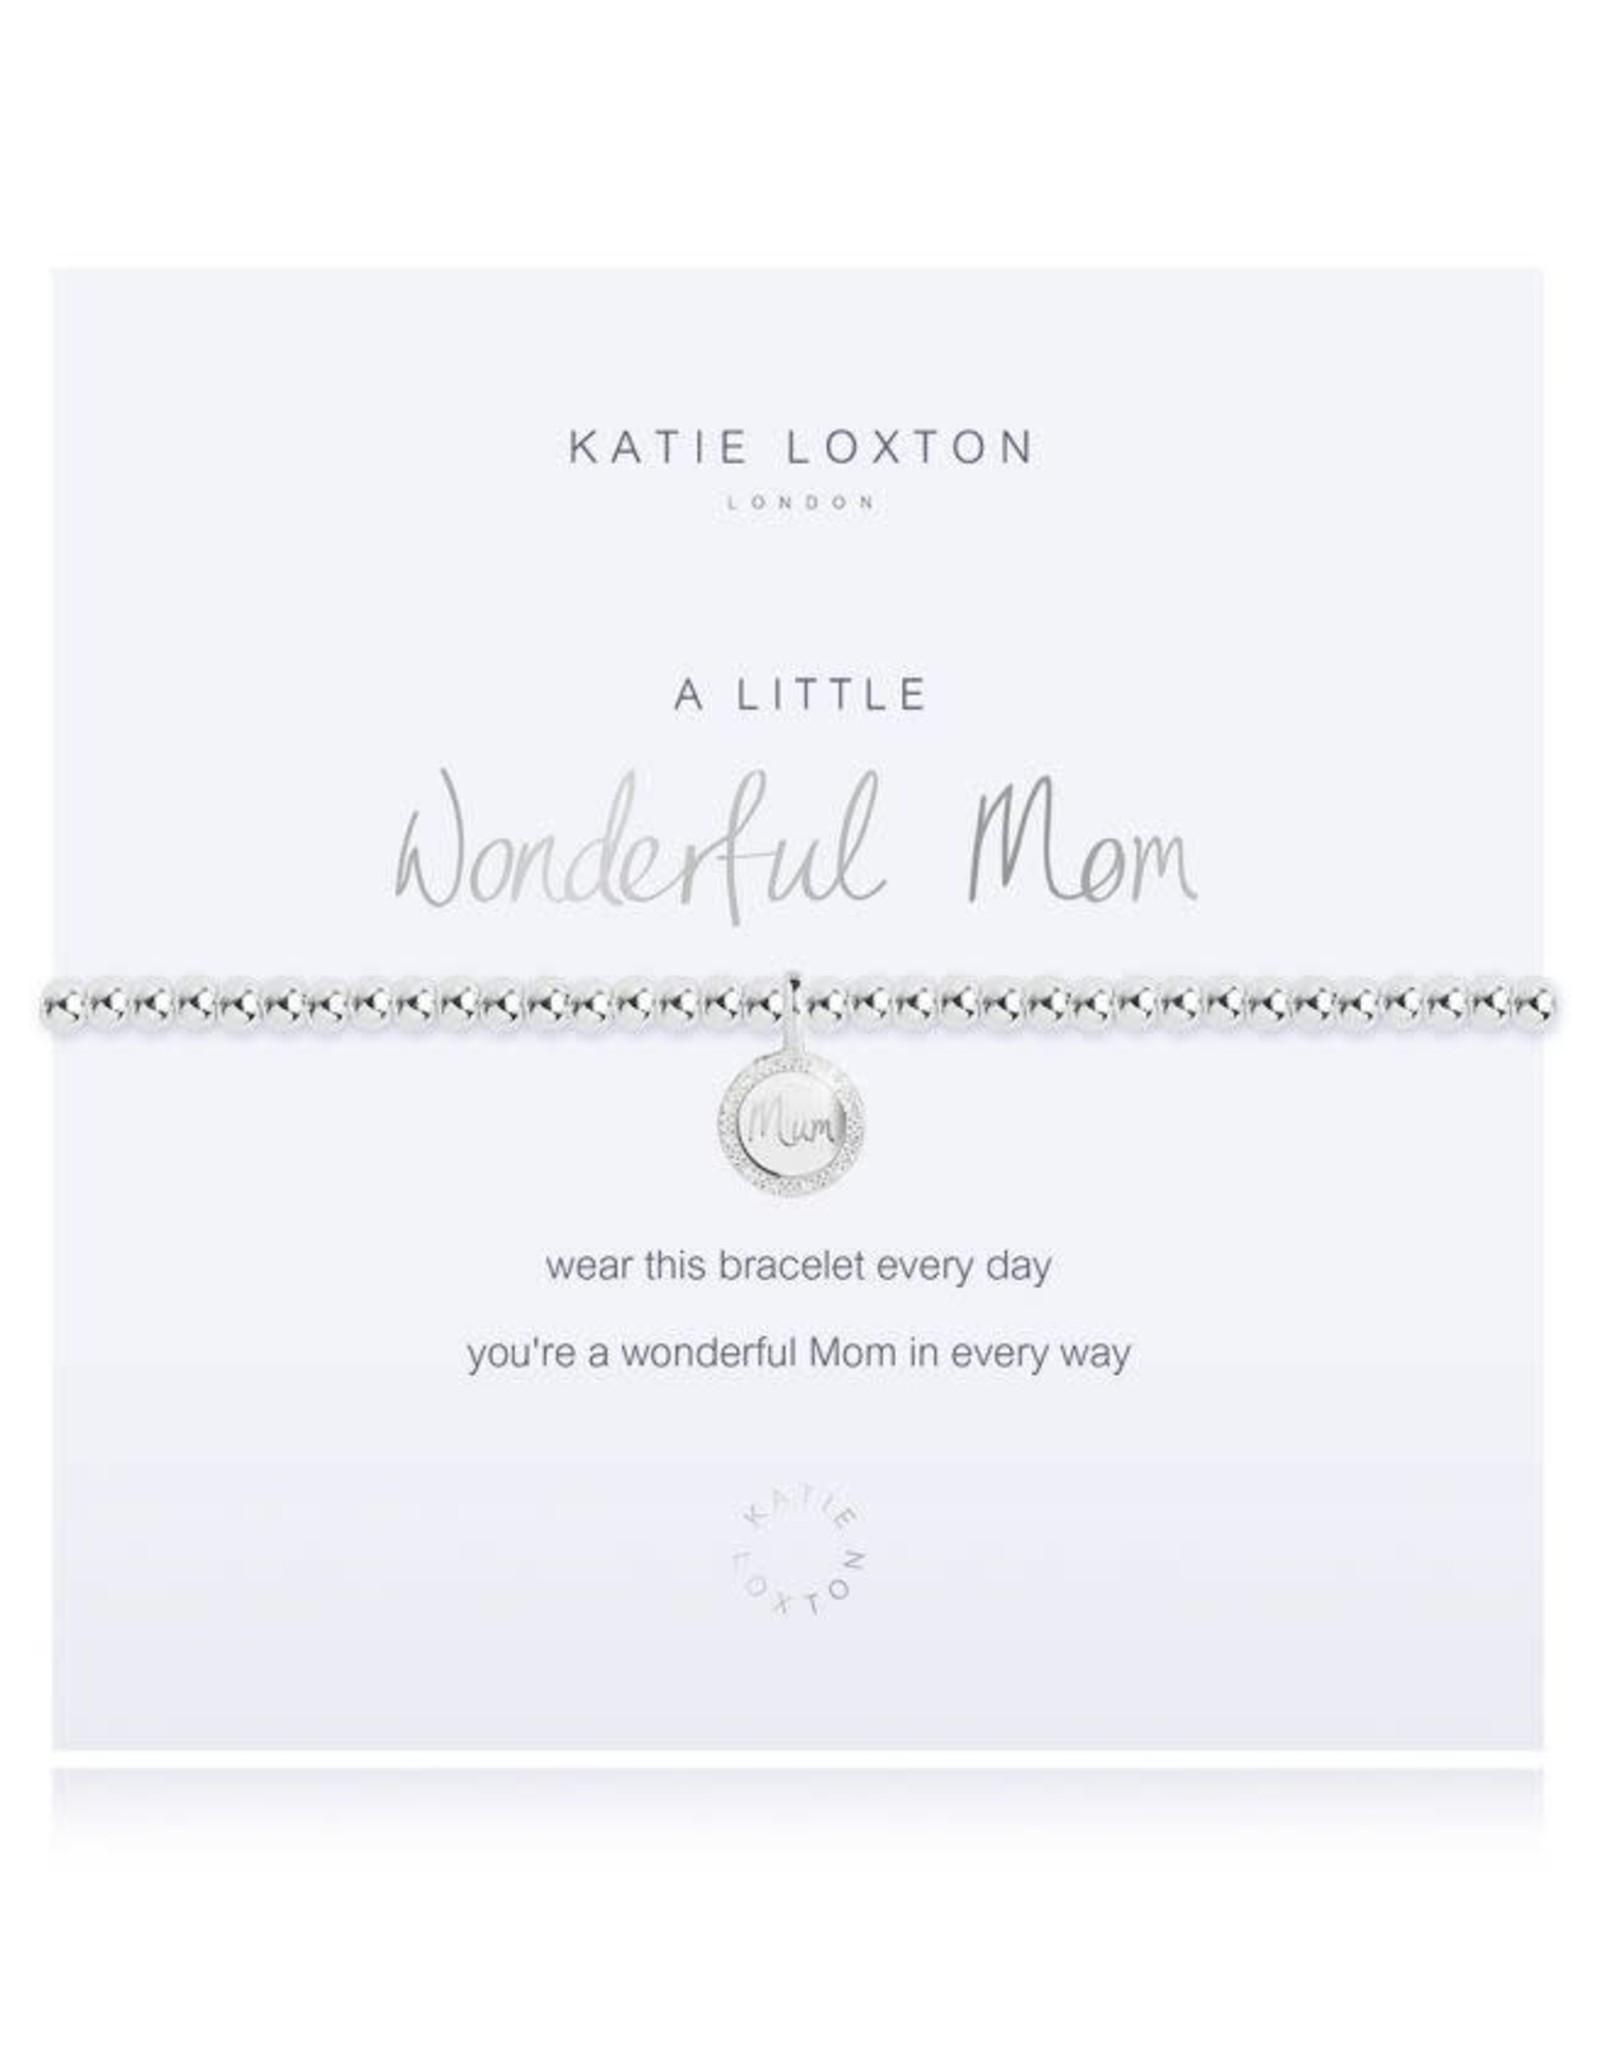 Katie Loxton Bracelet-Wonderful Mom Round Charm